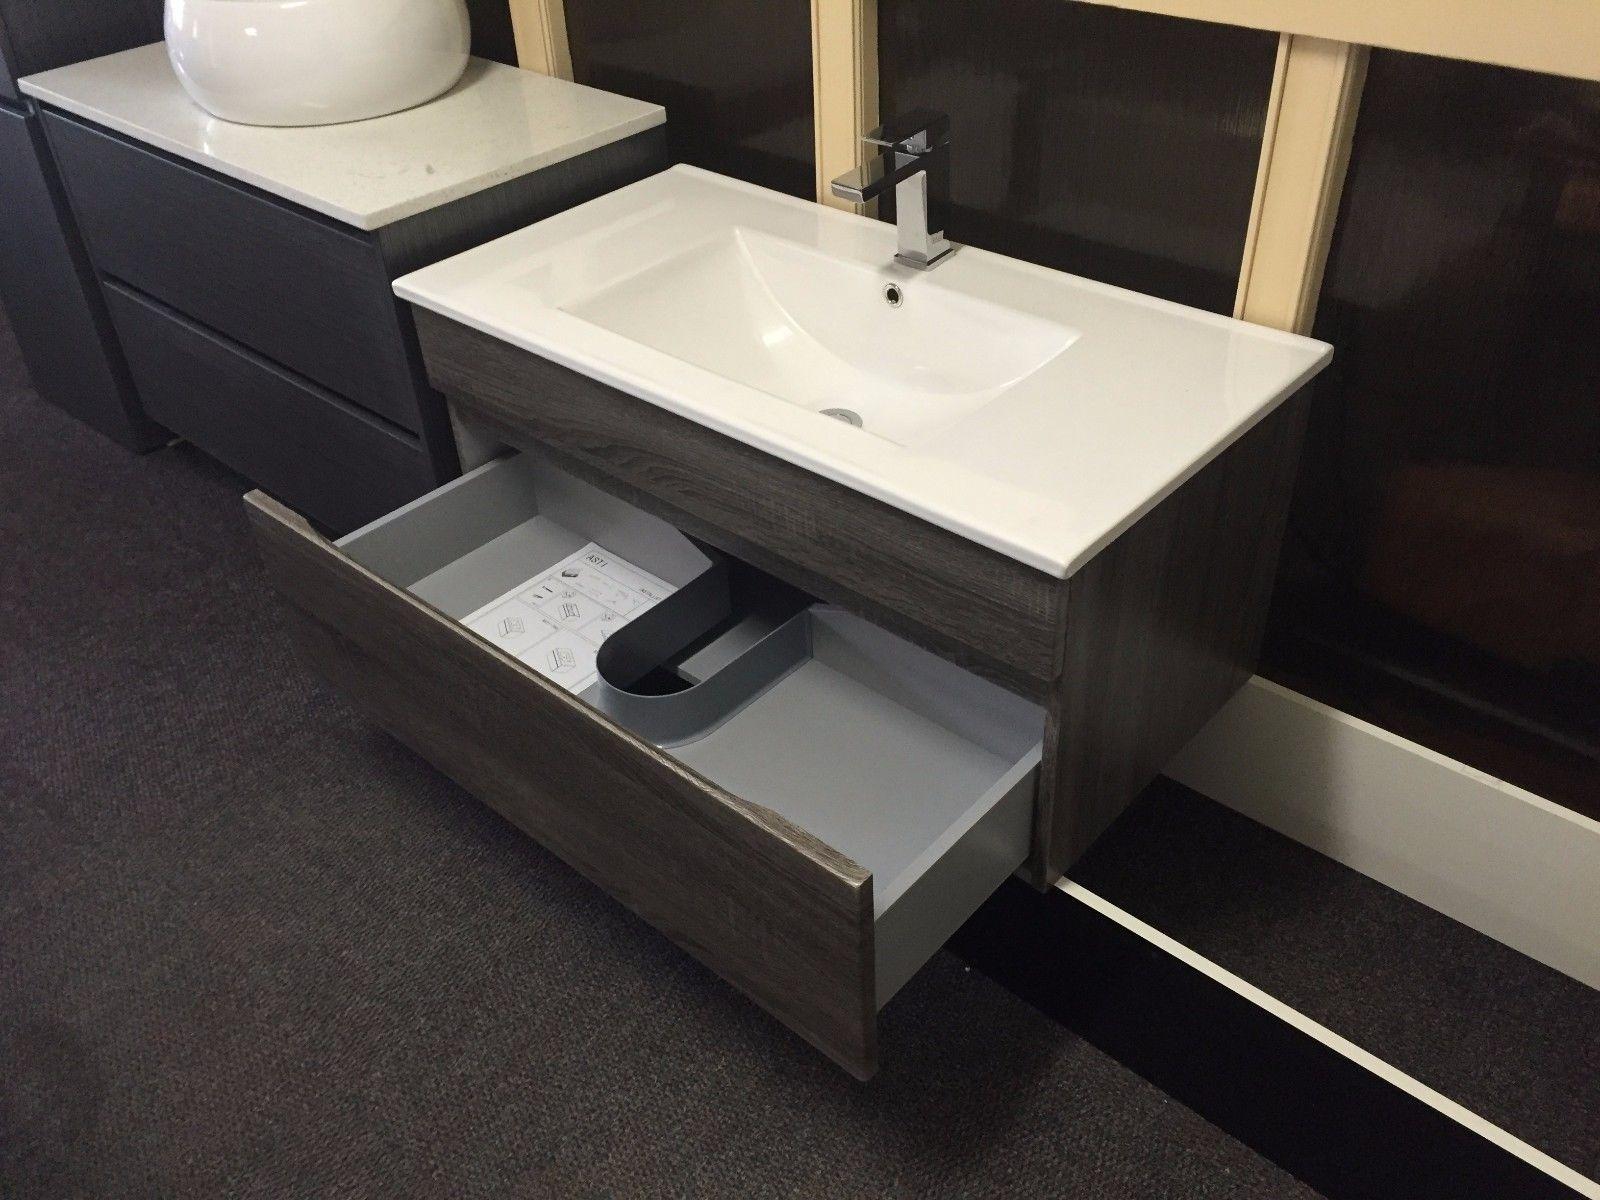 Thermofoil bathroom vanities - Asti 750mm Walnut Oak Pvc Thermofoil Wood Grain